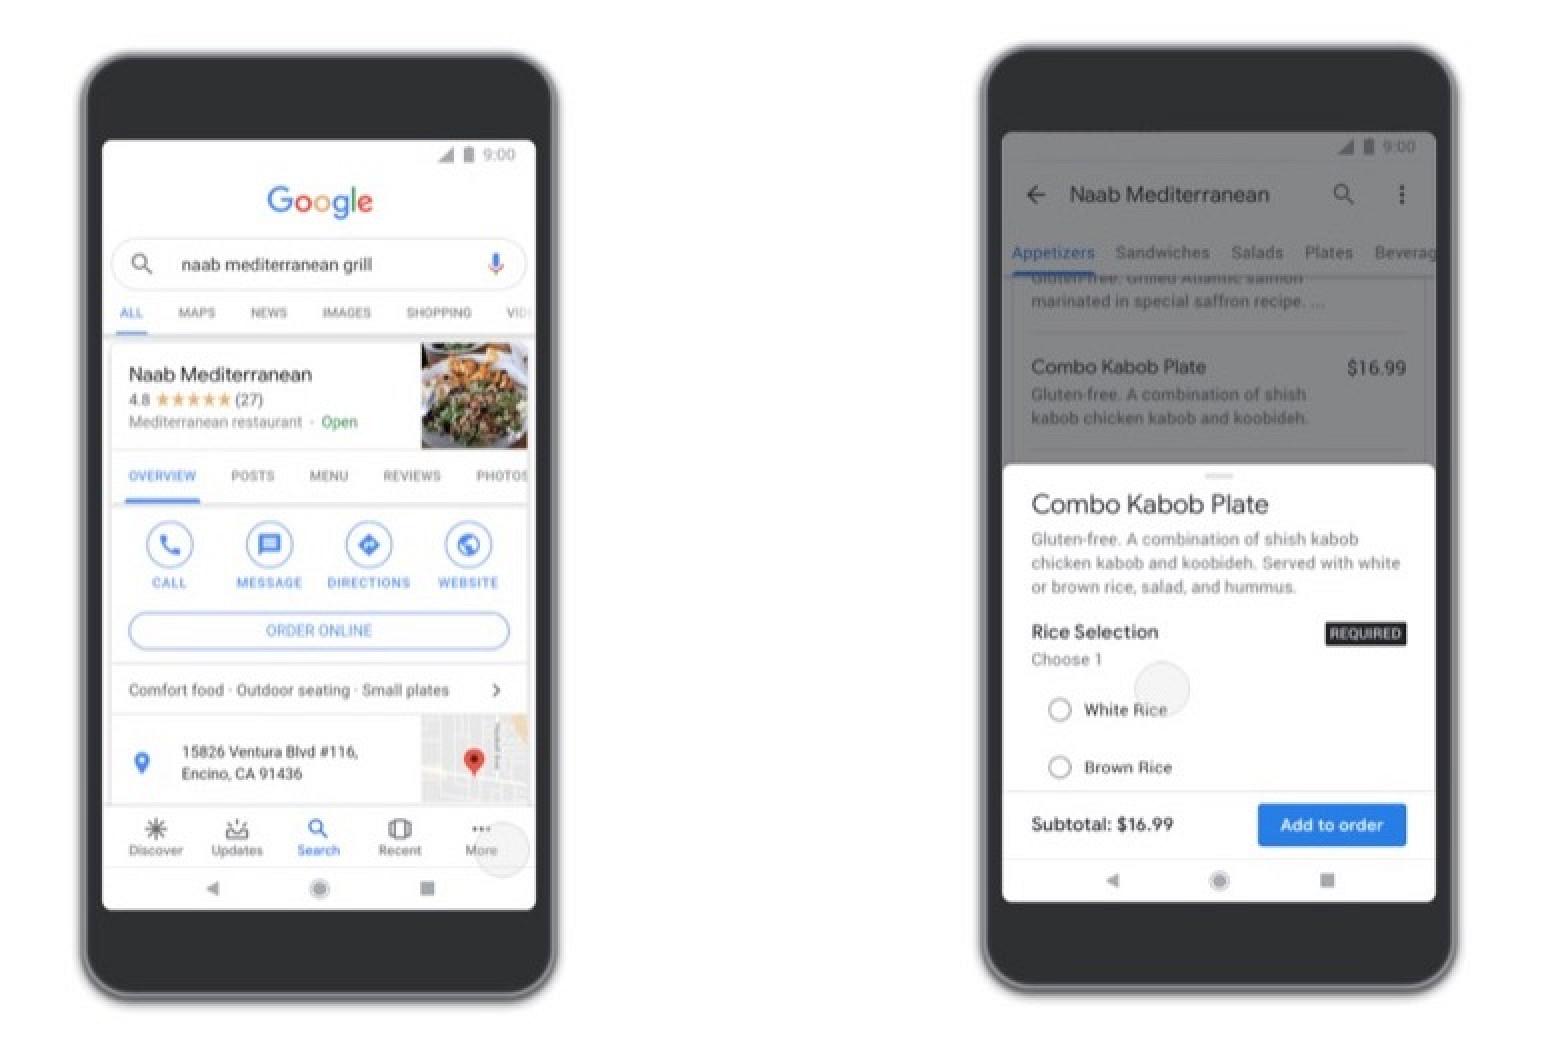 Características de pedido de comida ahora disponibles en las aplicaciones móviles de Google